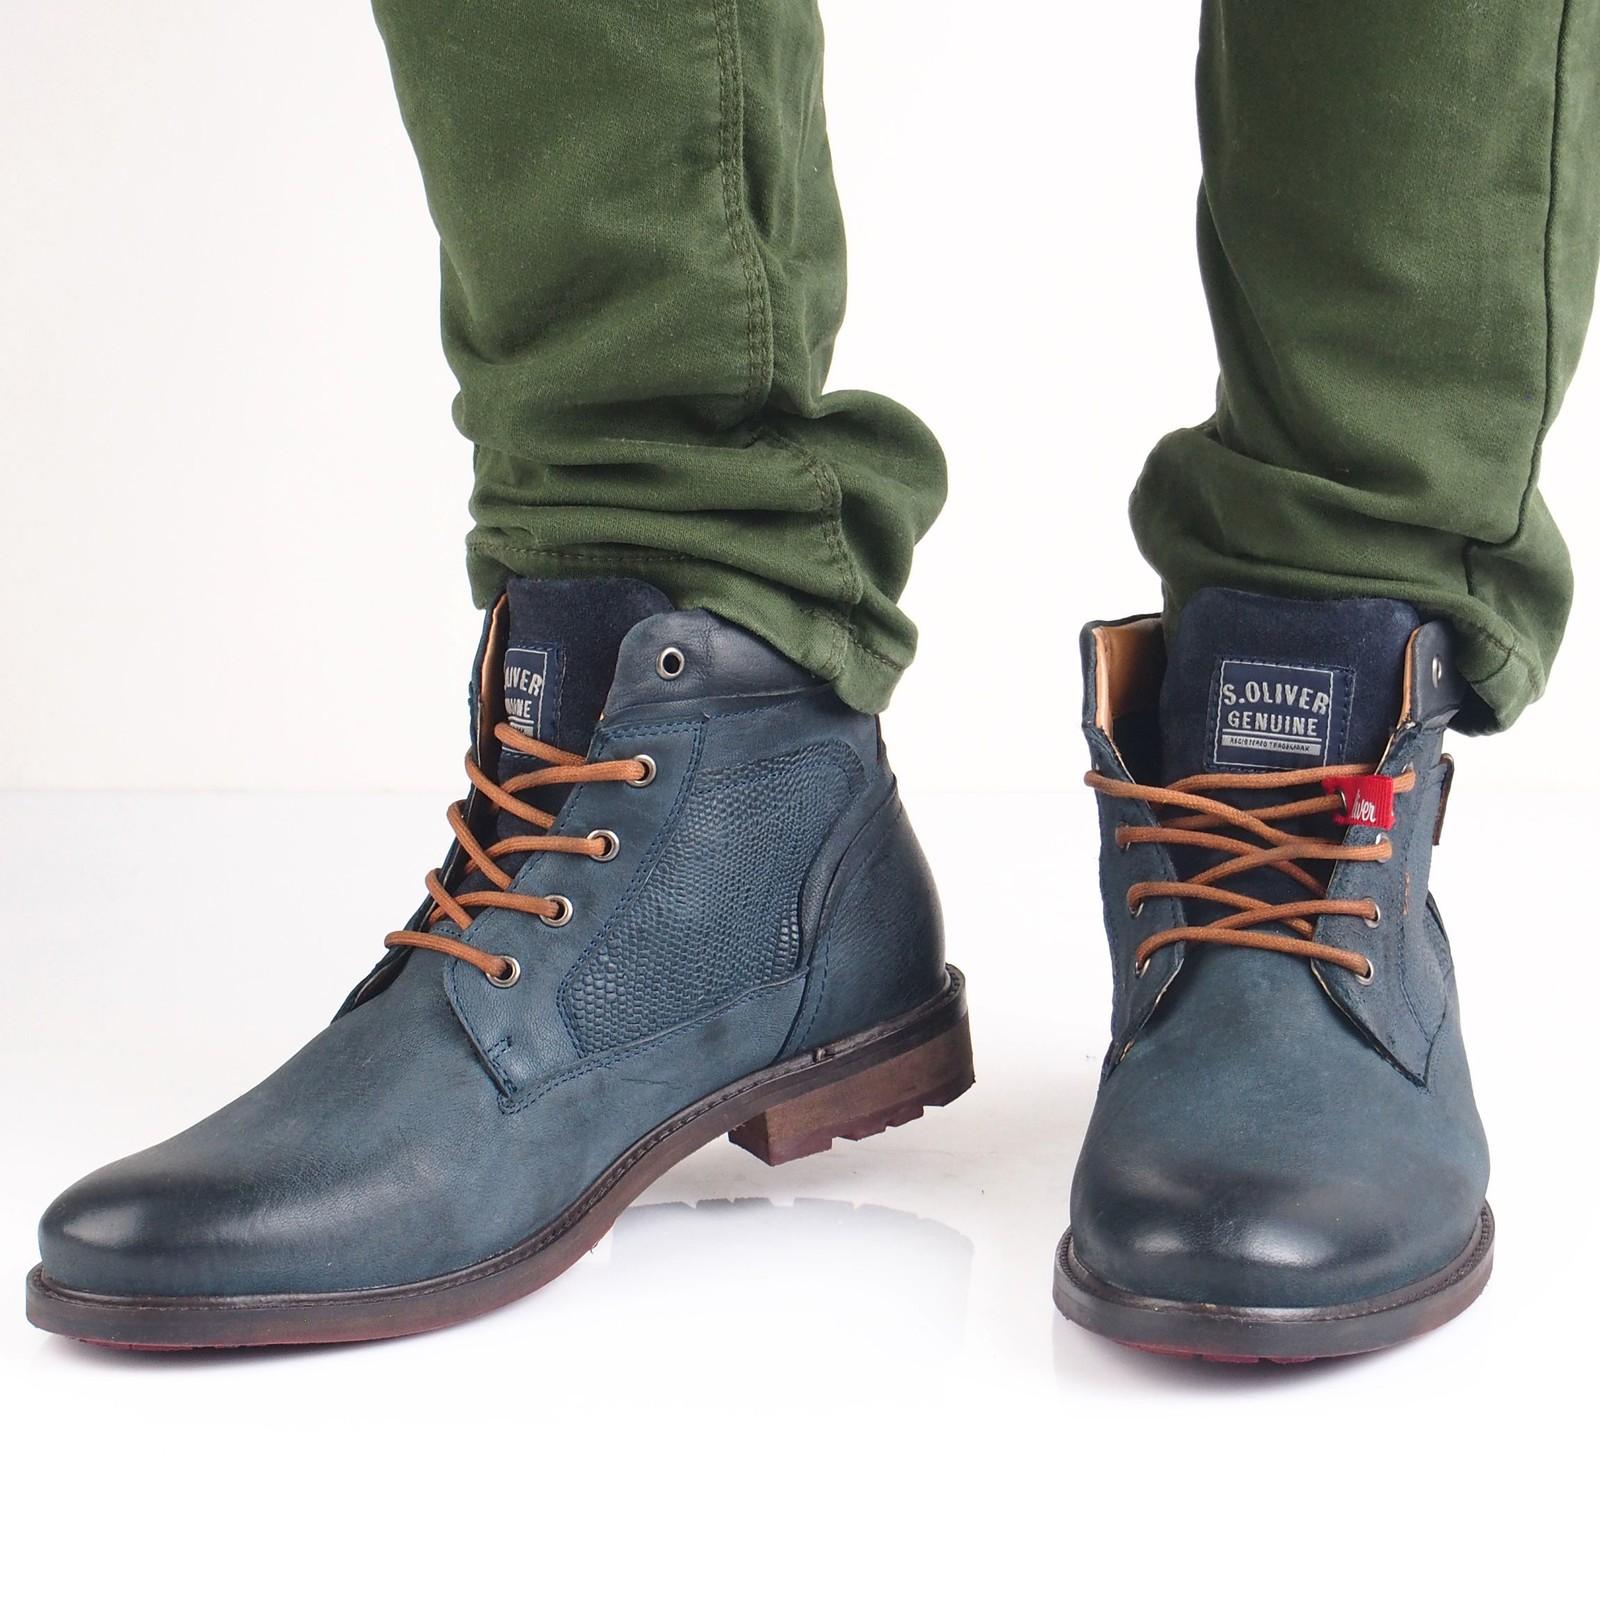 s.Oliver pánská kožená kotníková obuv - tmavomodrá